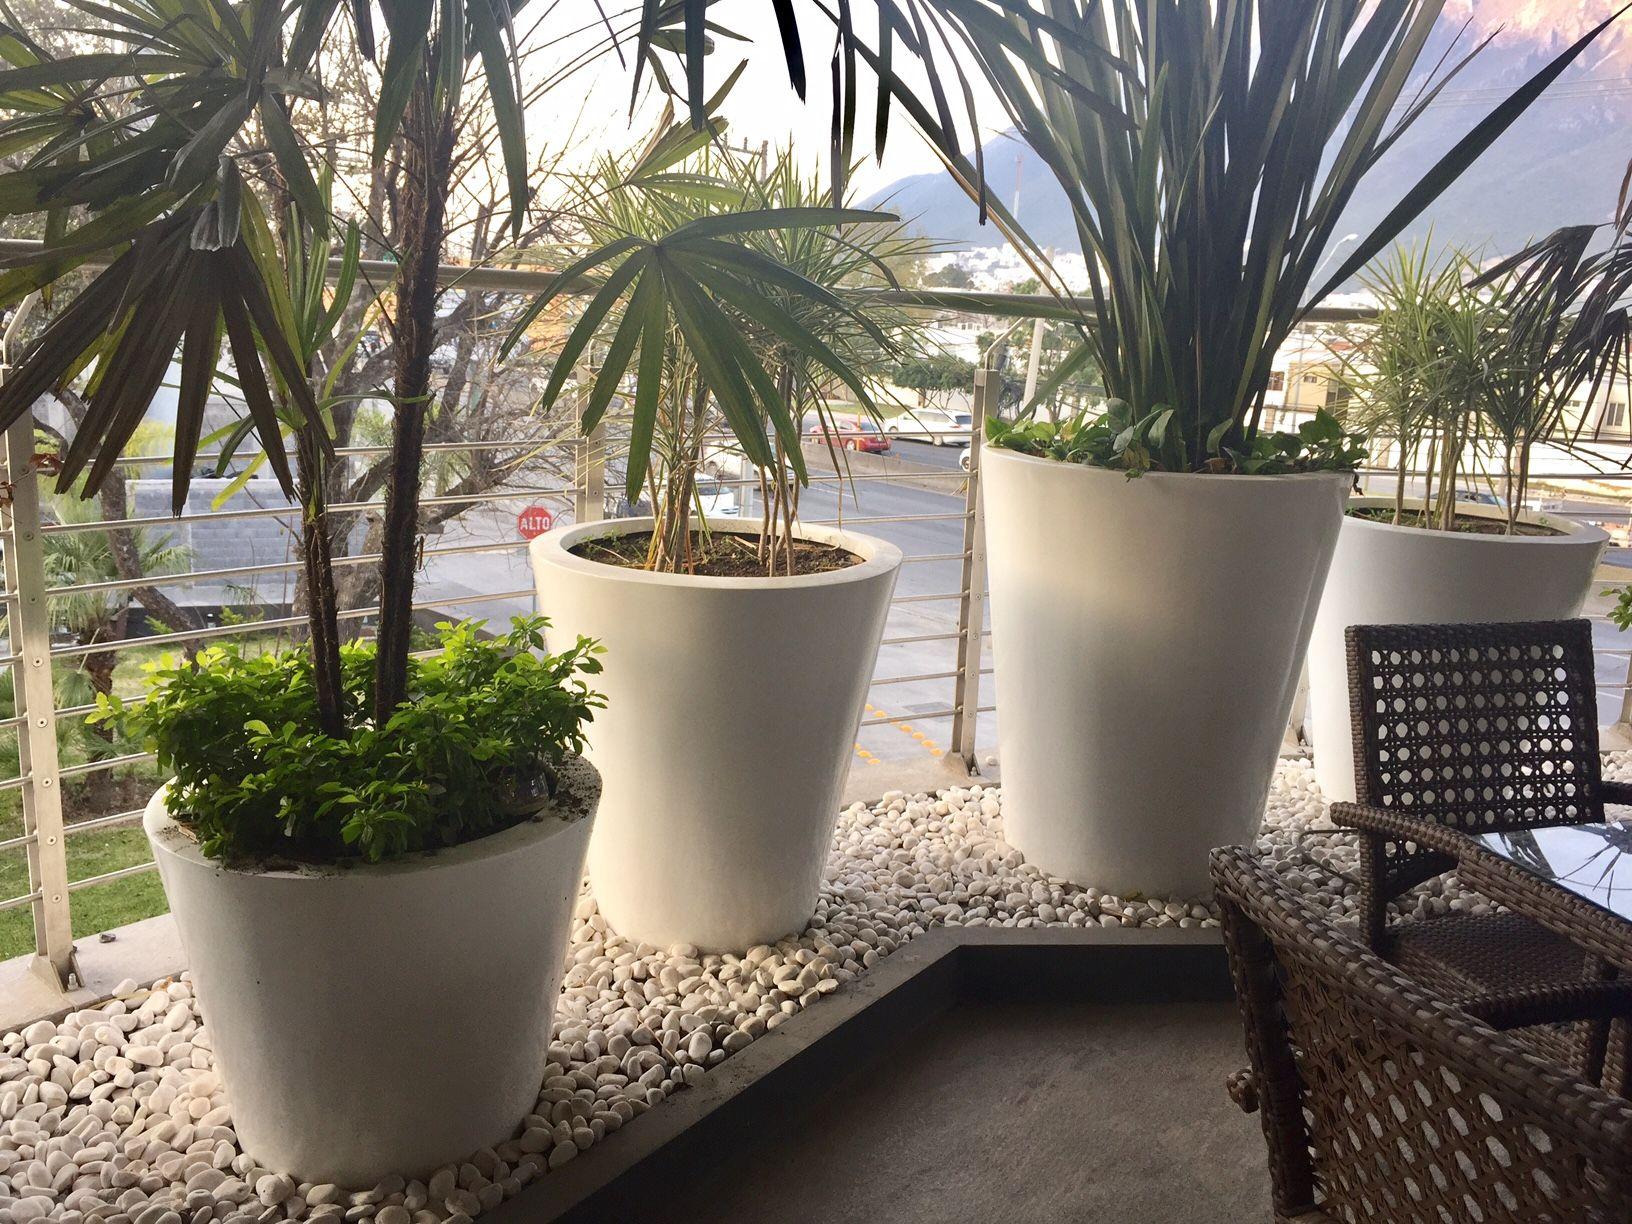 Macetas de fibra de vidrio para decorar interiores y for Decoracion de interiores monterrey